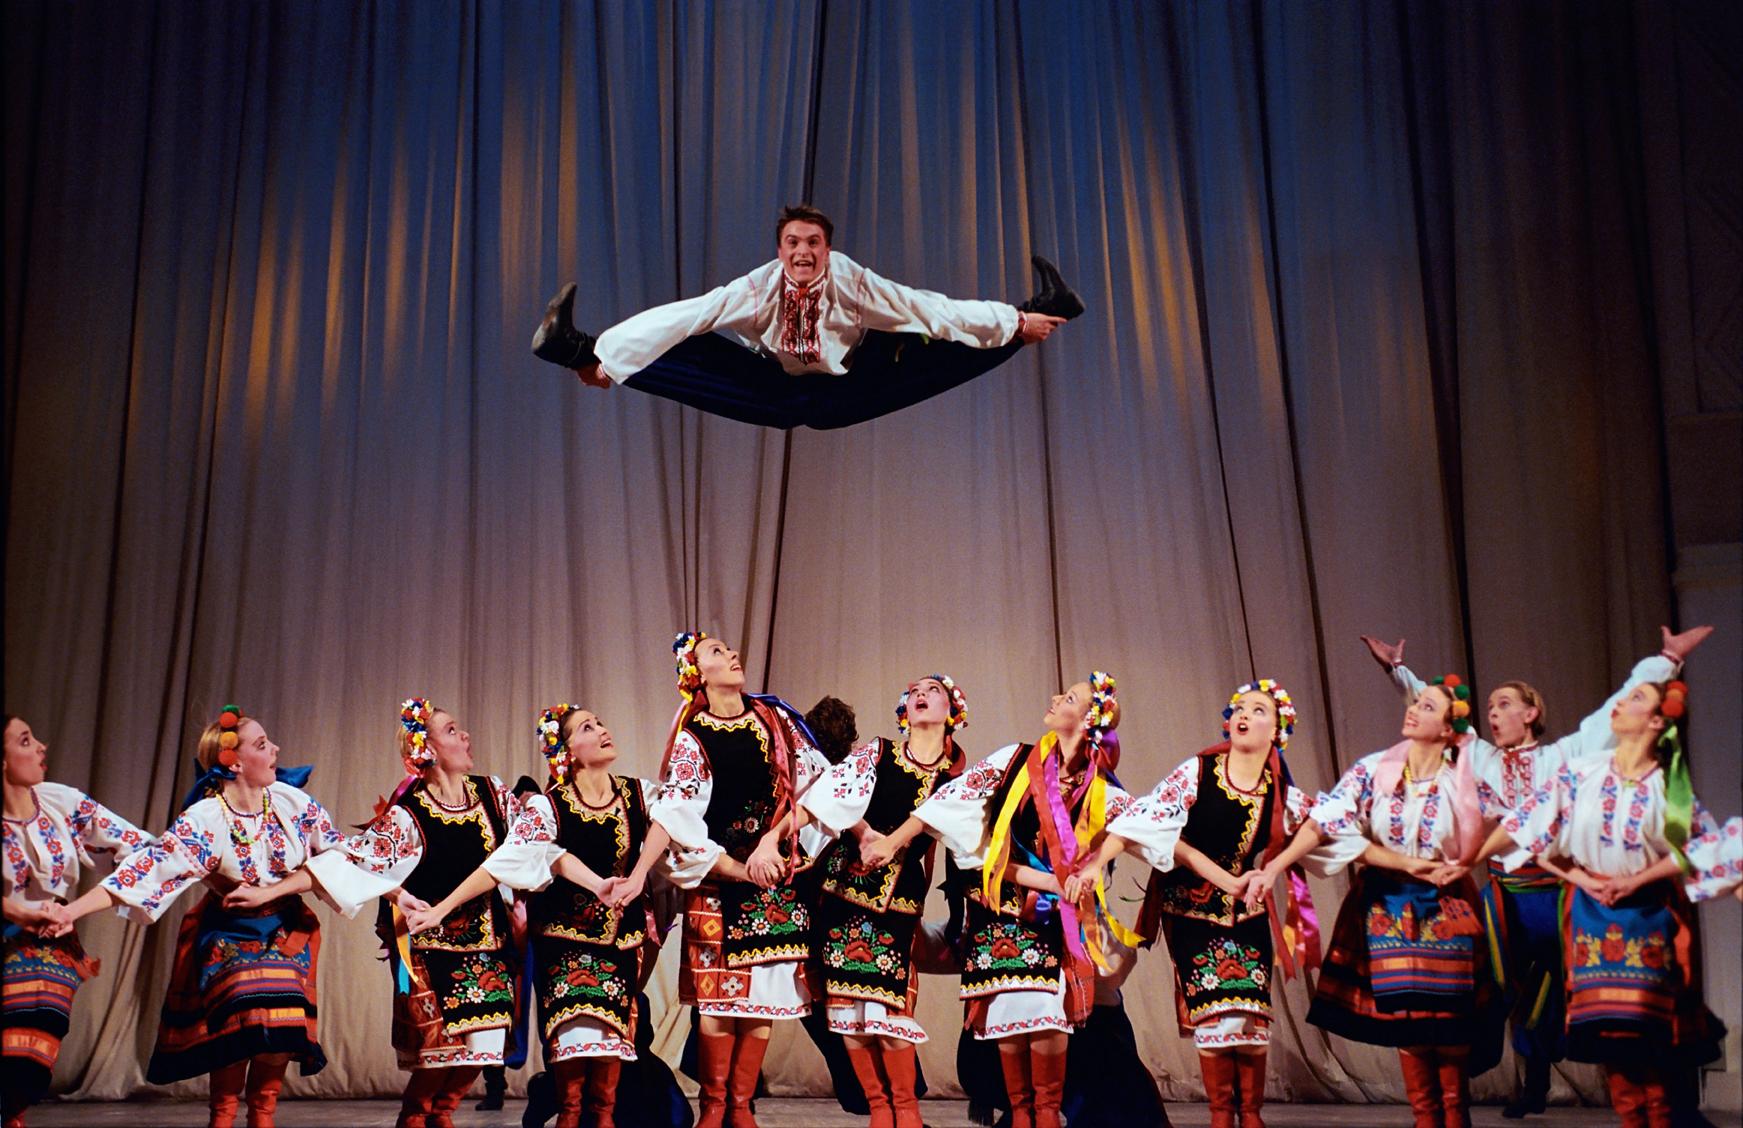 Poupes Russes - Spectacle de danses slaves Paris, France